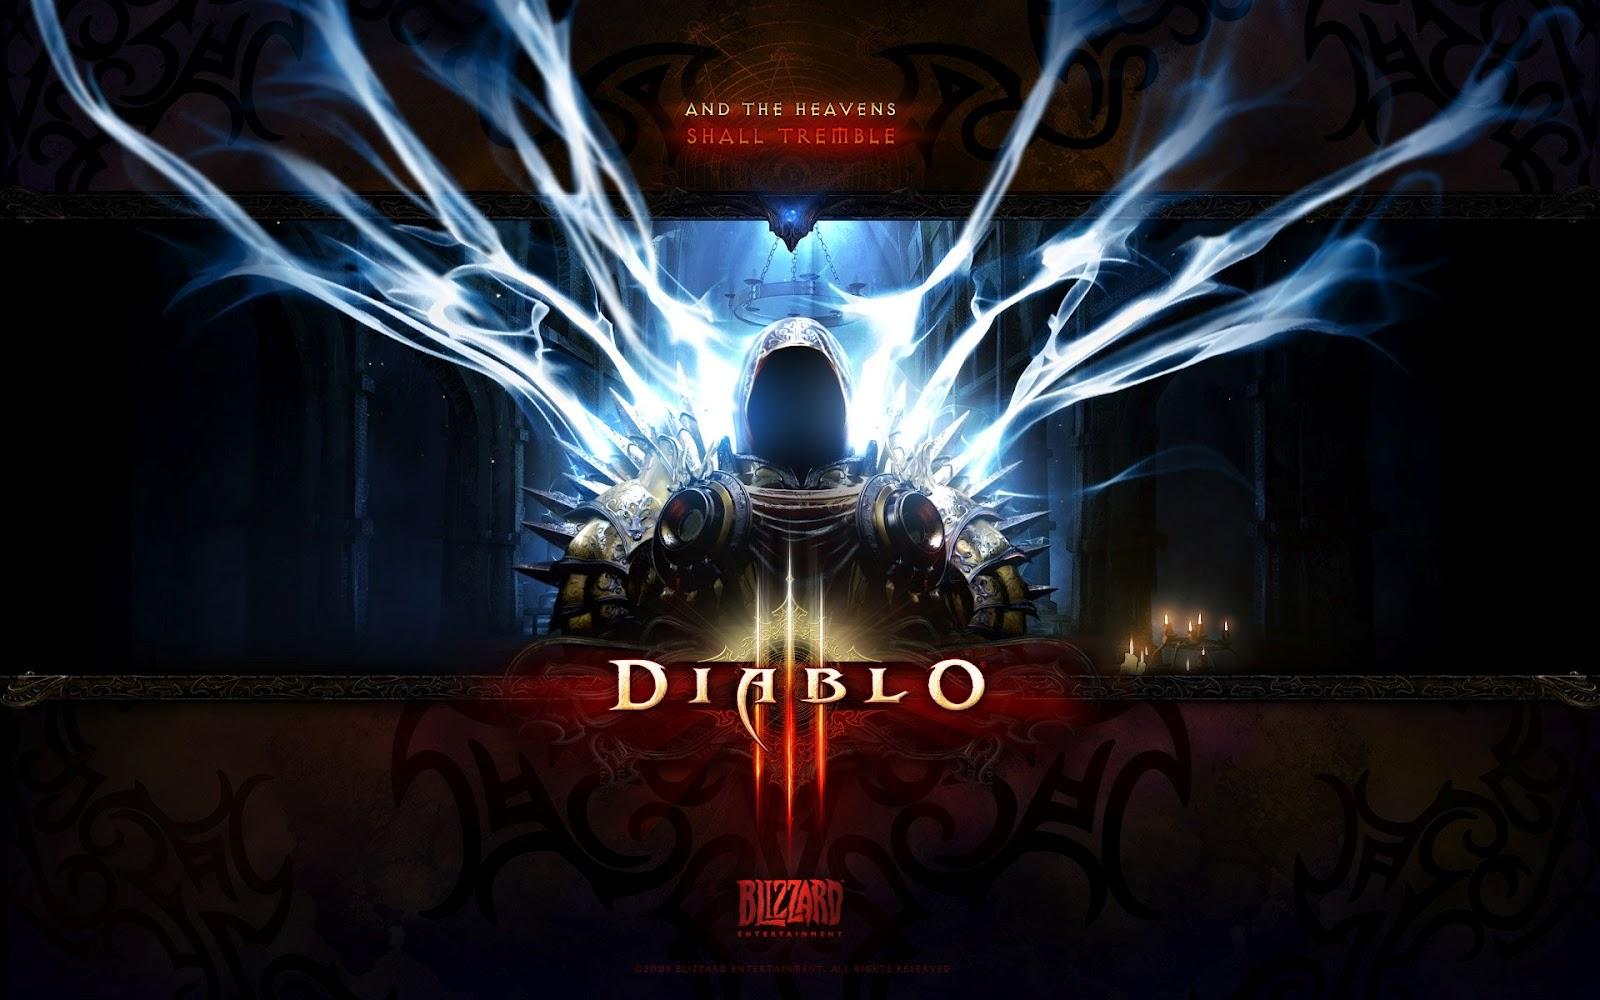 http://2.bp.blogspot.com/-5zNUfq259h0/T9qLHK4BzLI/AAAAAAAAAZs/kt7_huf9RzU/s1600/Diablo-3-Wallpaper-28.jpg